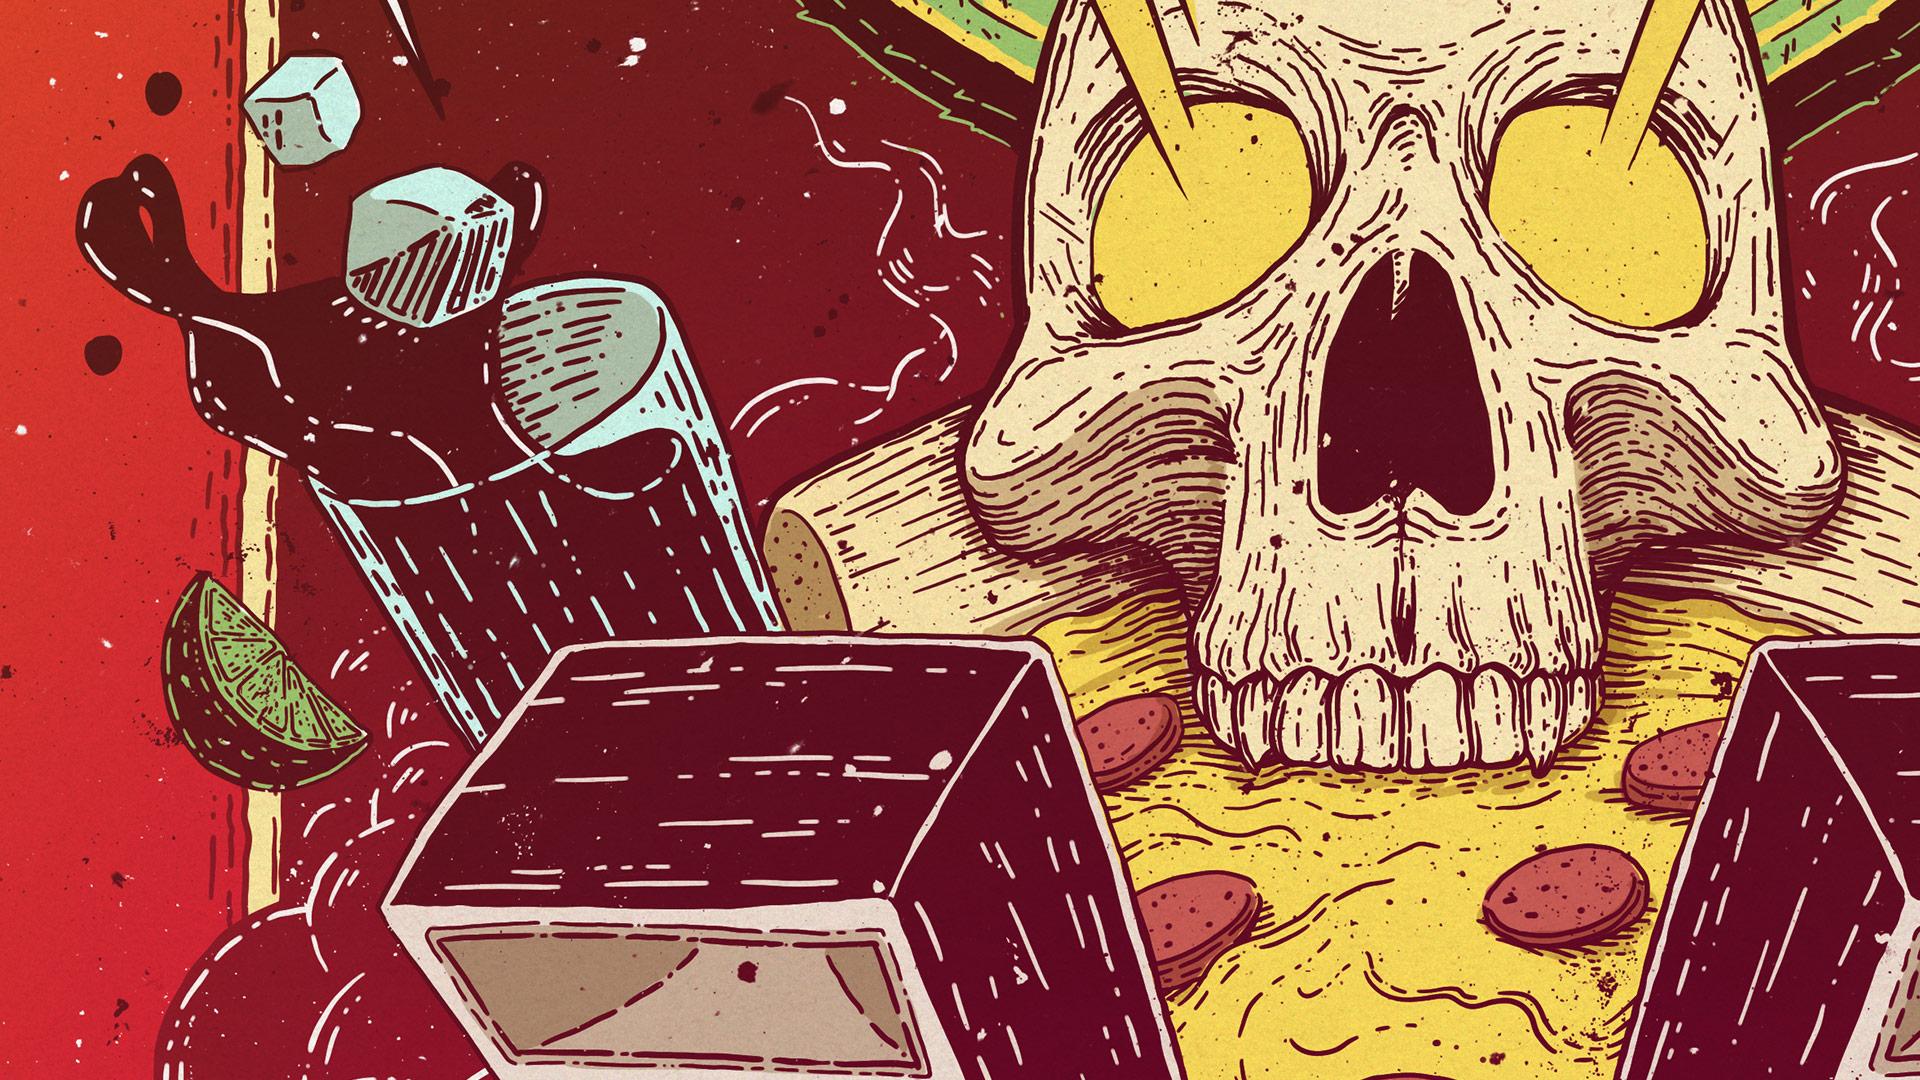 Gringos Fiesta 2017 | Poster Detail | Illustration By Artjom Meister | Art-mas.com